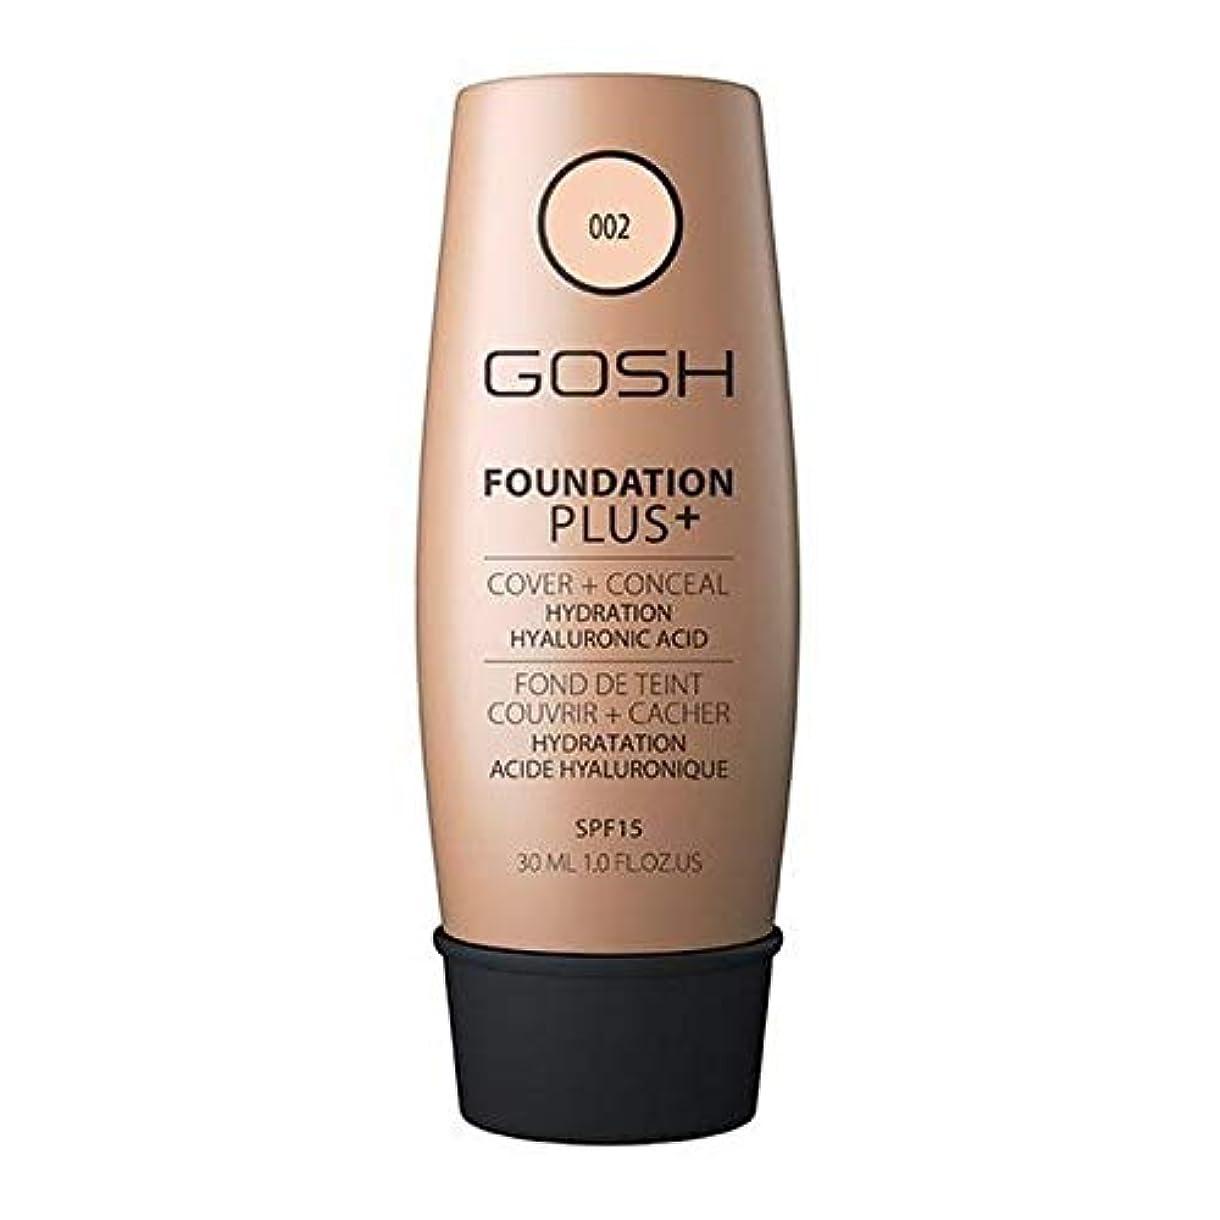 マントル郵便番号シニス[GOSH ] おやっ基礎プラス+アイボリー002 - Gosh Foundation Plus+ Ivory 002 [並行輸入品]